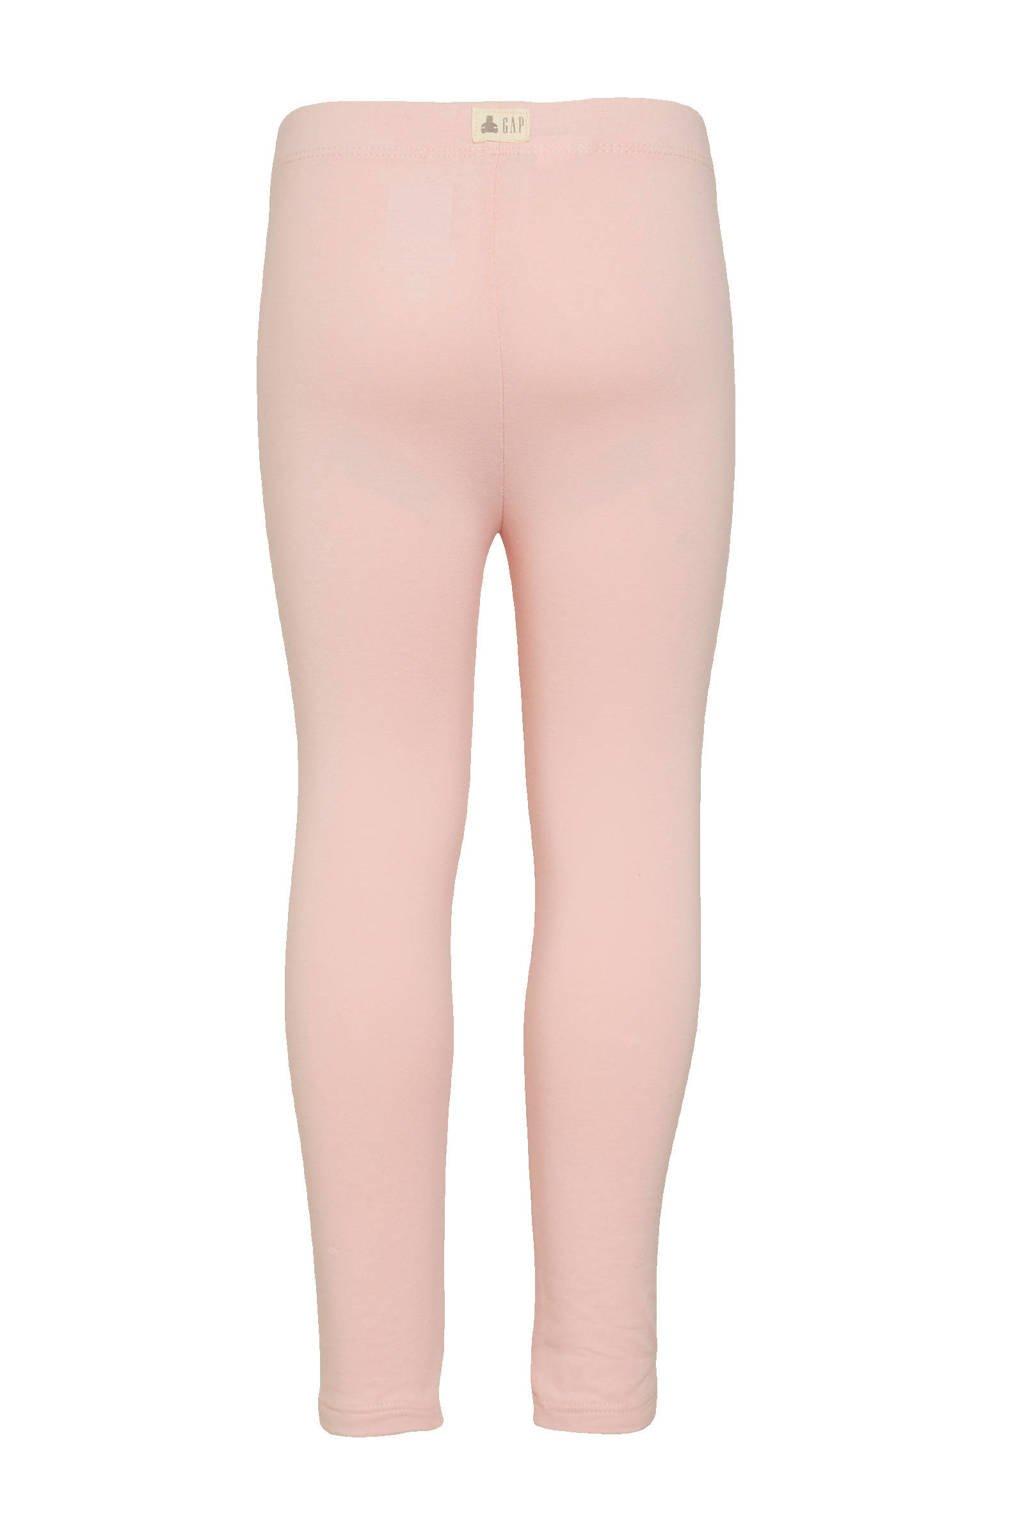 GAP gemêleerde legging roze, Roze